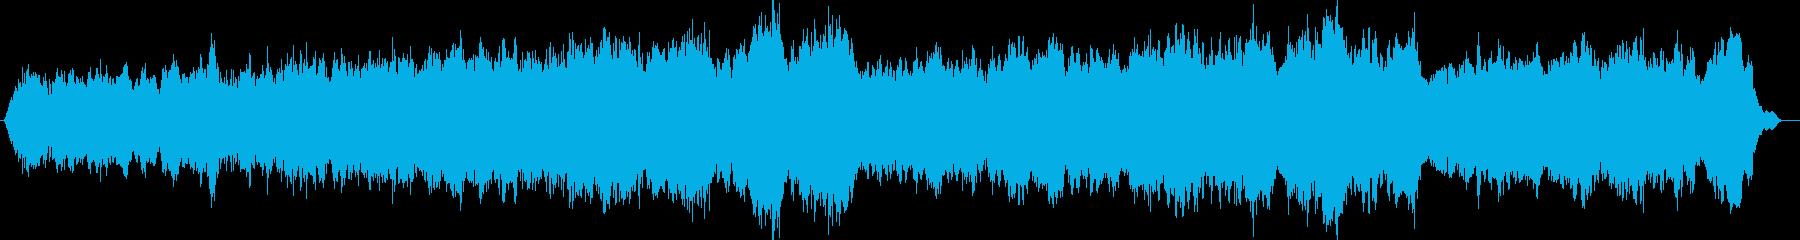 雄大な山のようなヒーリングミューッジックの再生済みの波形